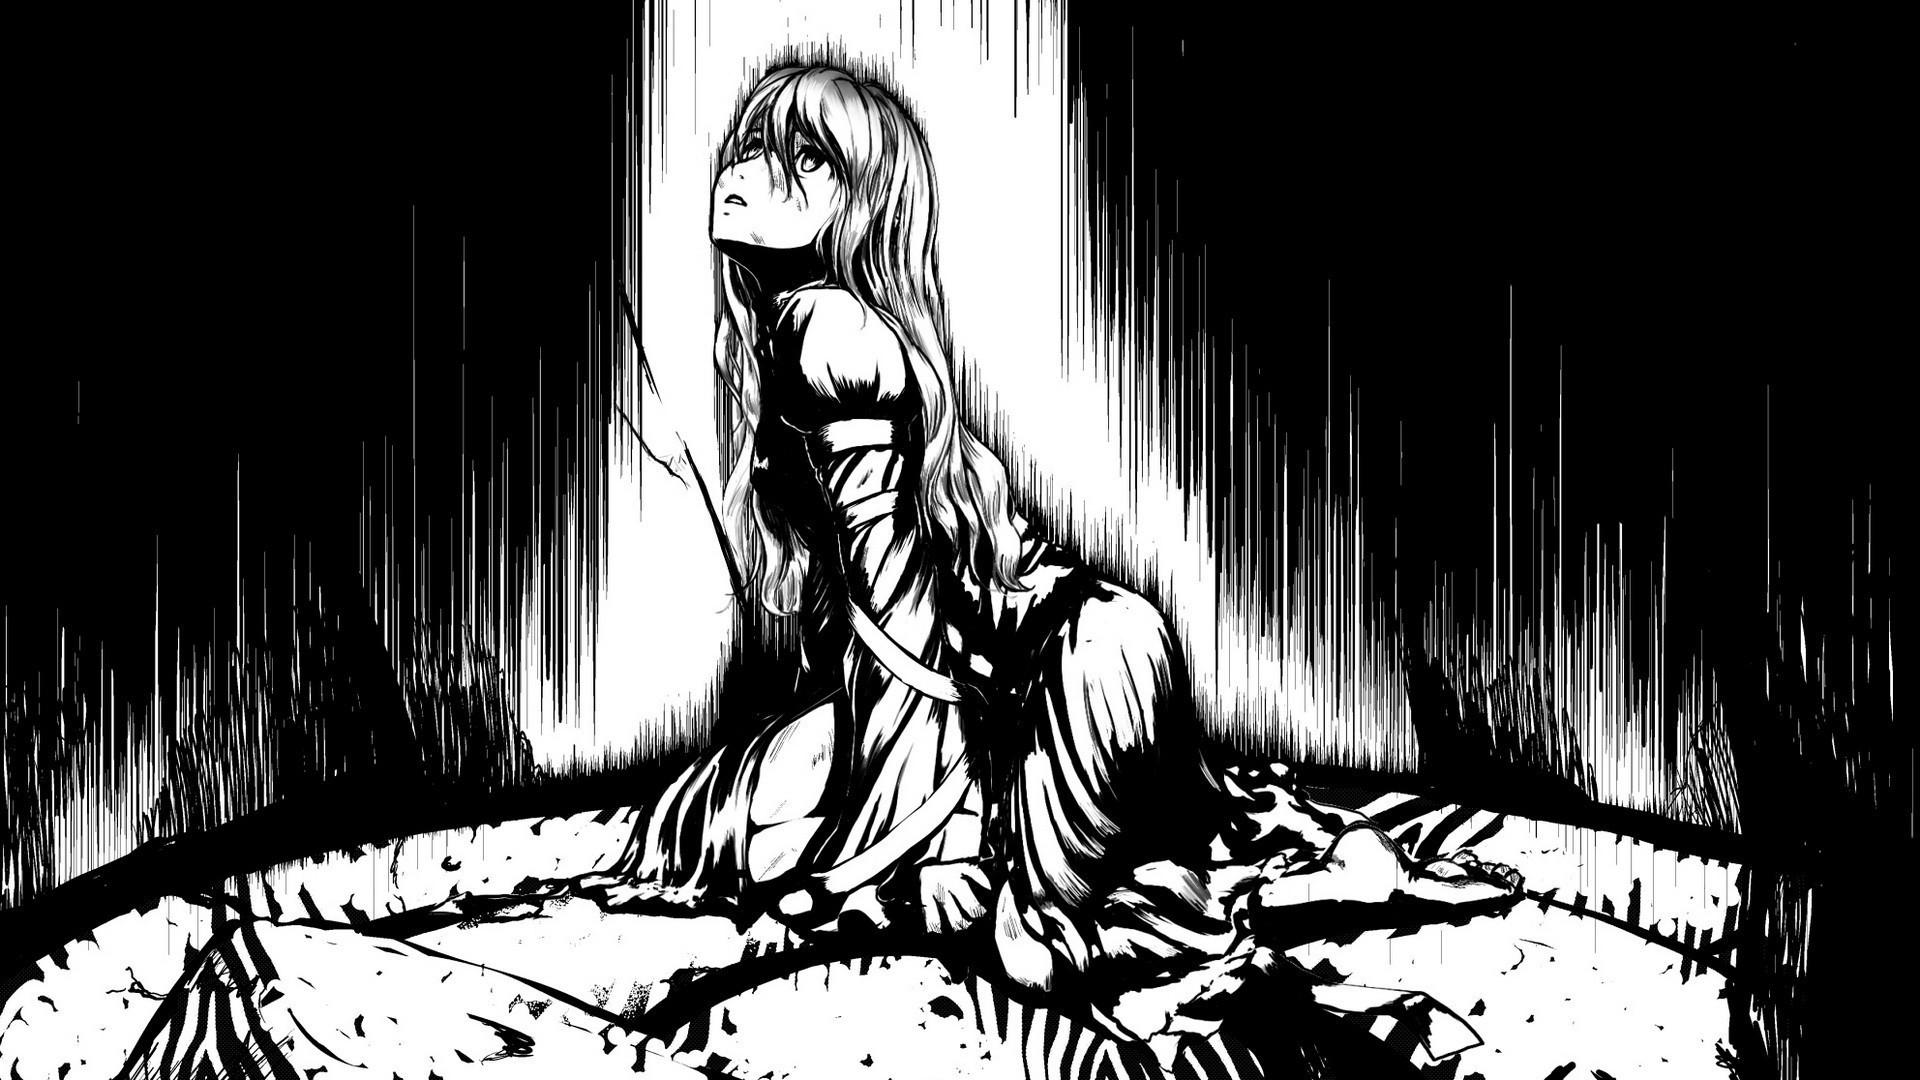 Hình nền anime cực đẹp màu đen trắng